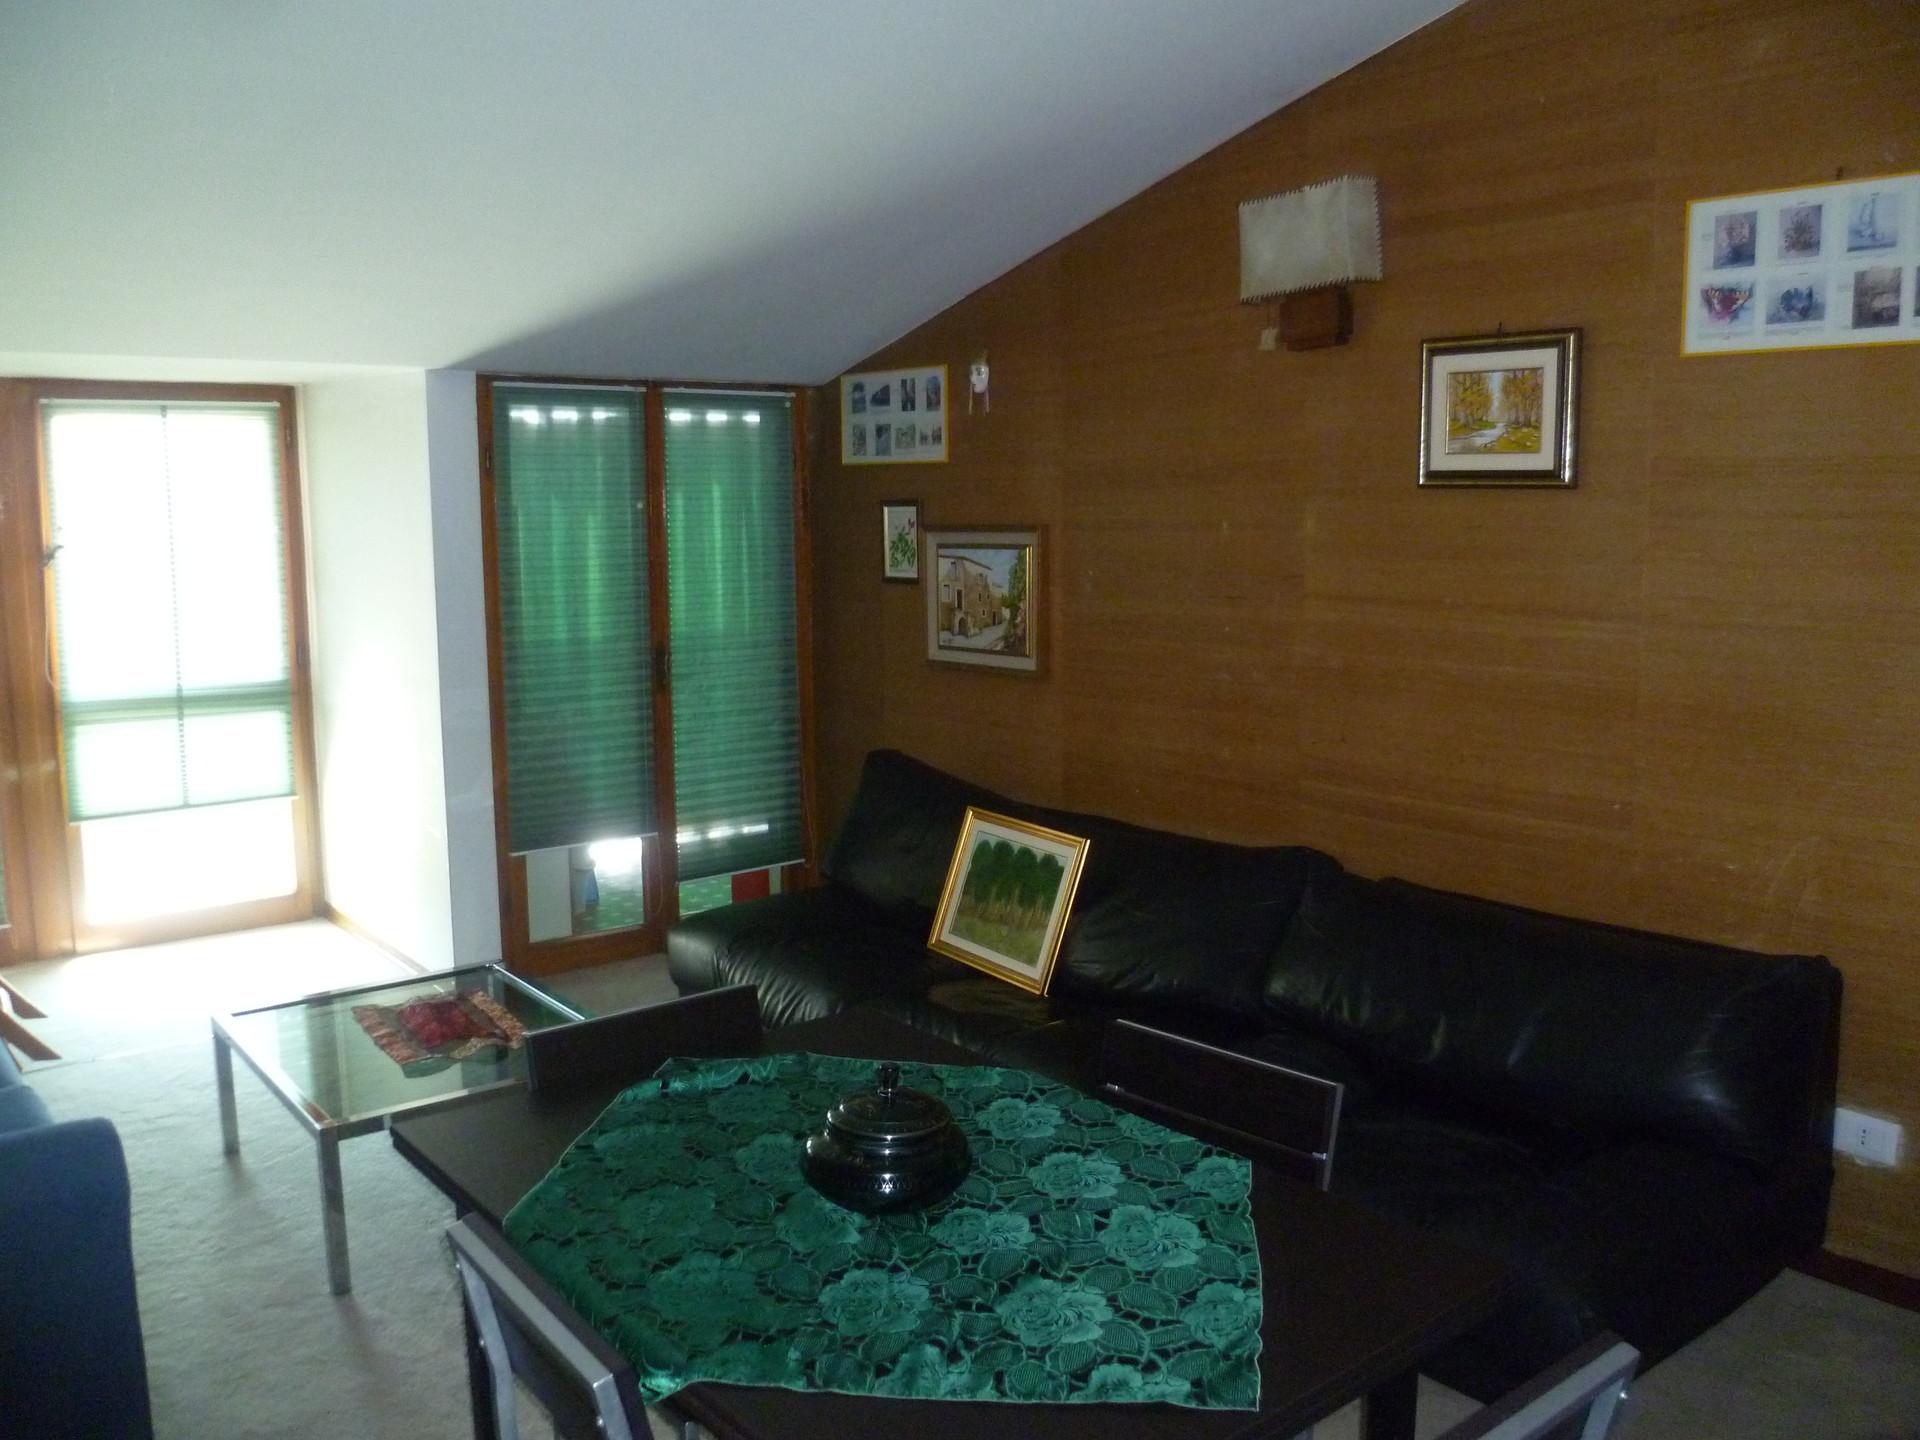 Camere per studenti a Forlì - Italia